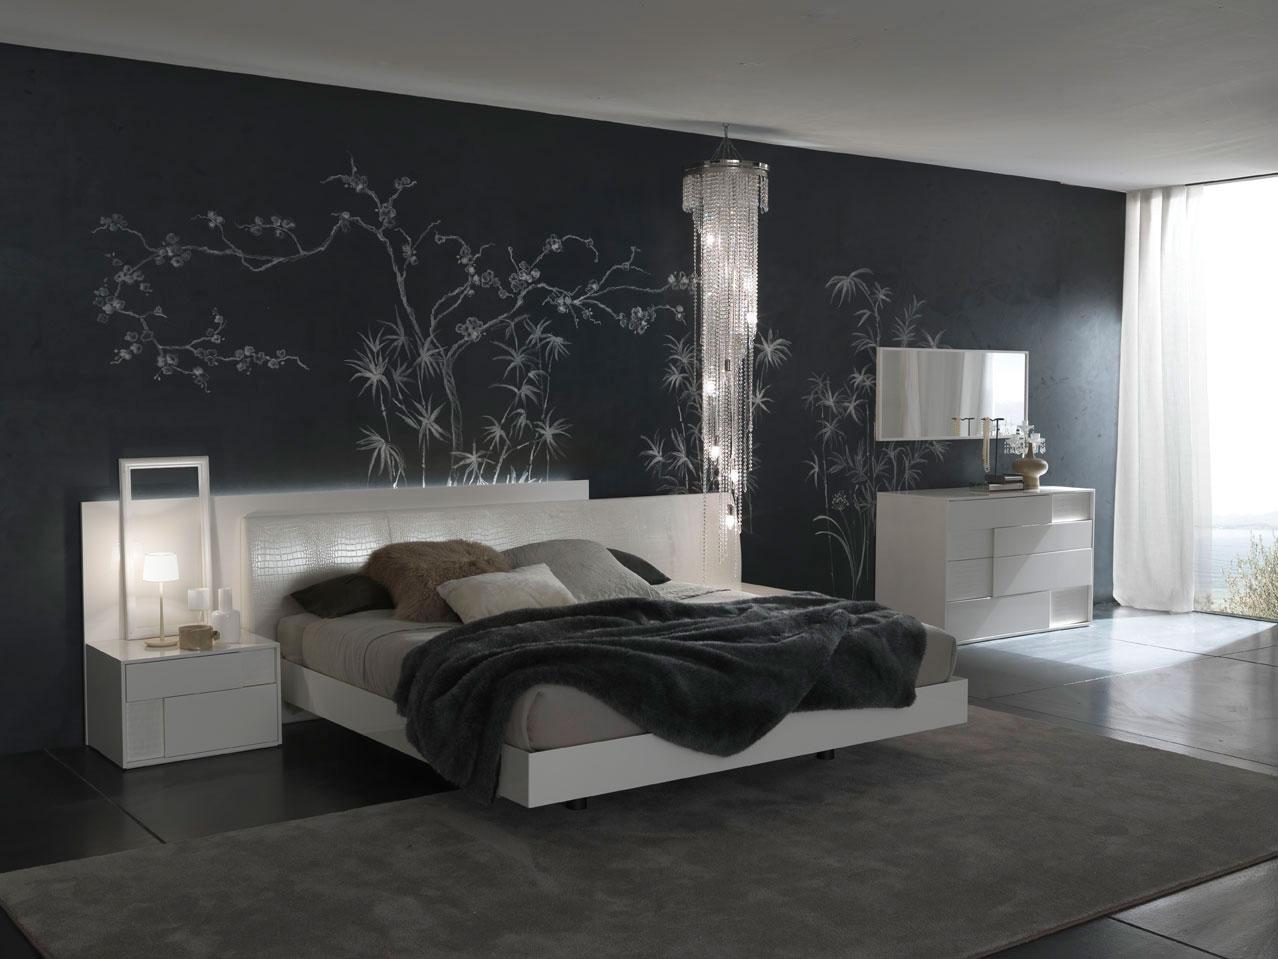 صورة ورق حائط لغرف النوم , صور ارقى ديكورات ورق الحائط 12995 2